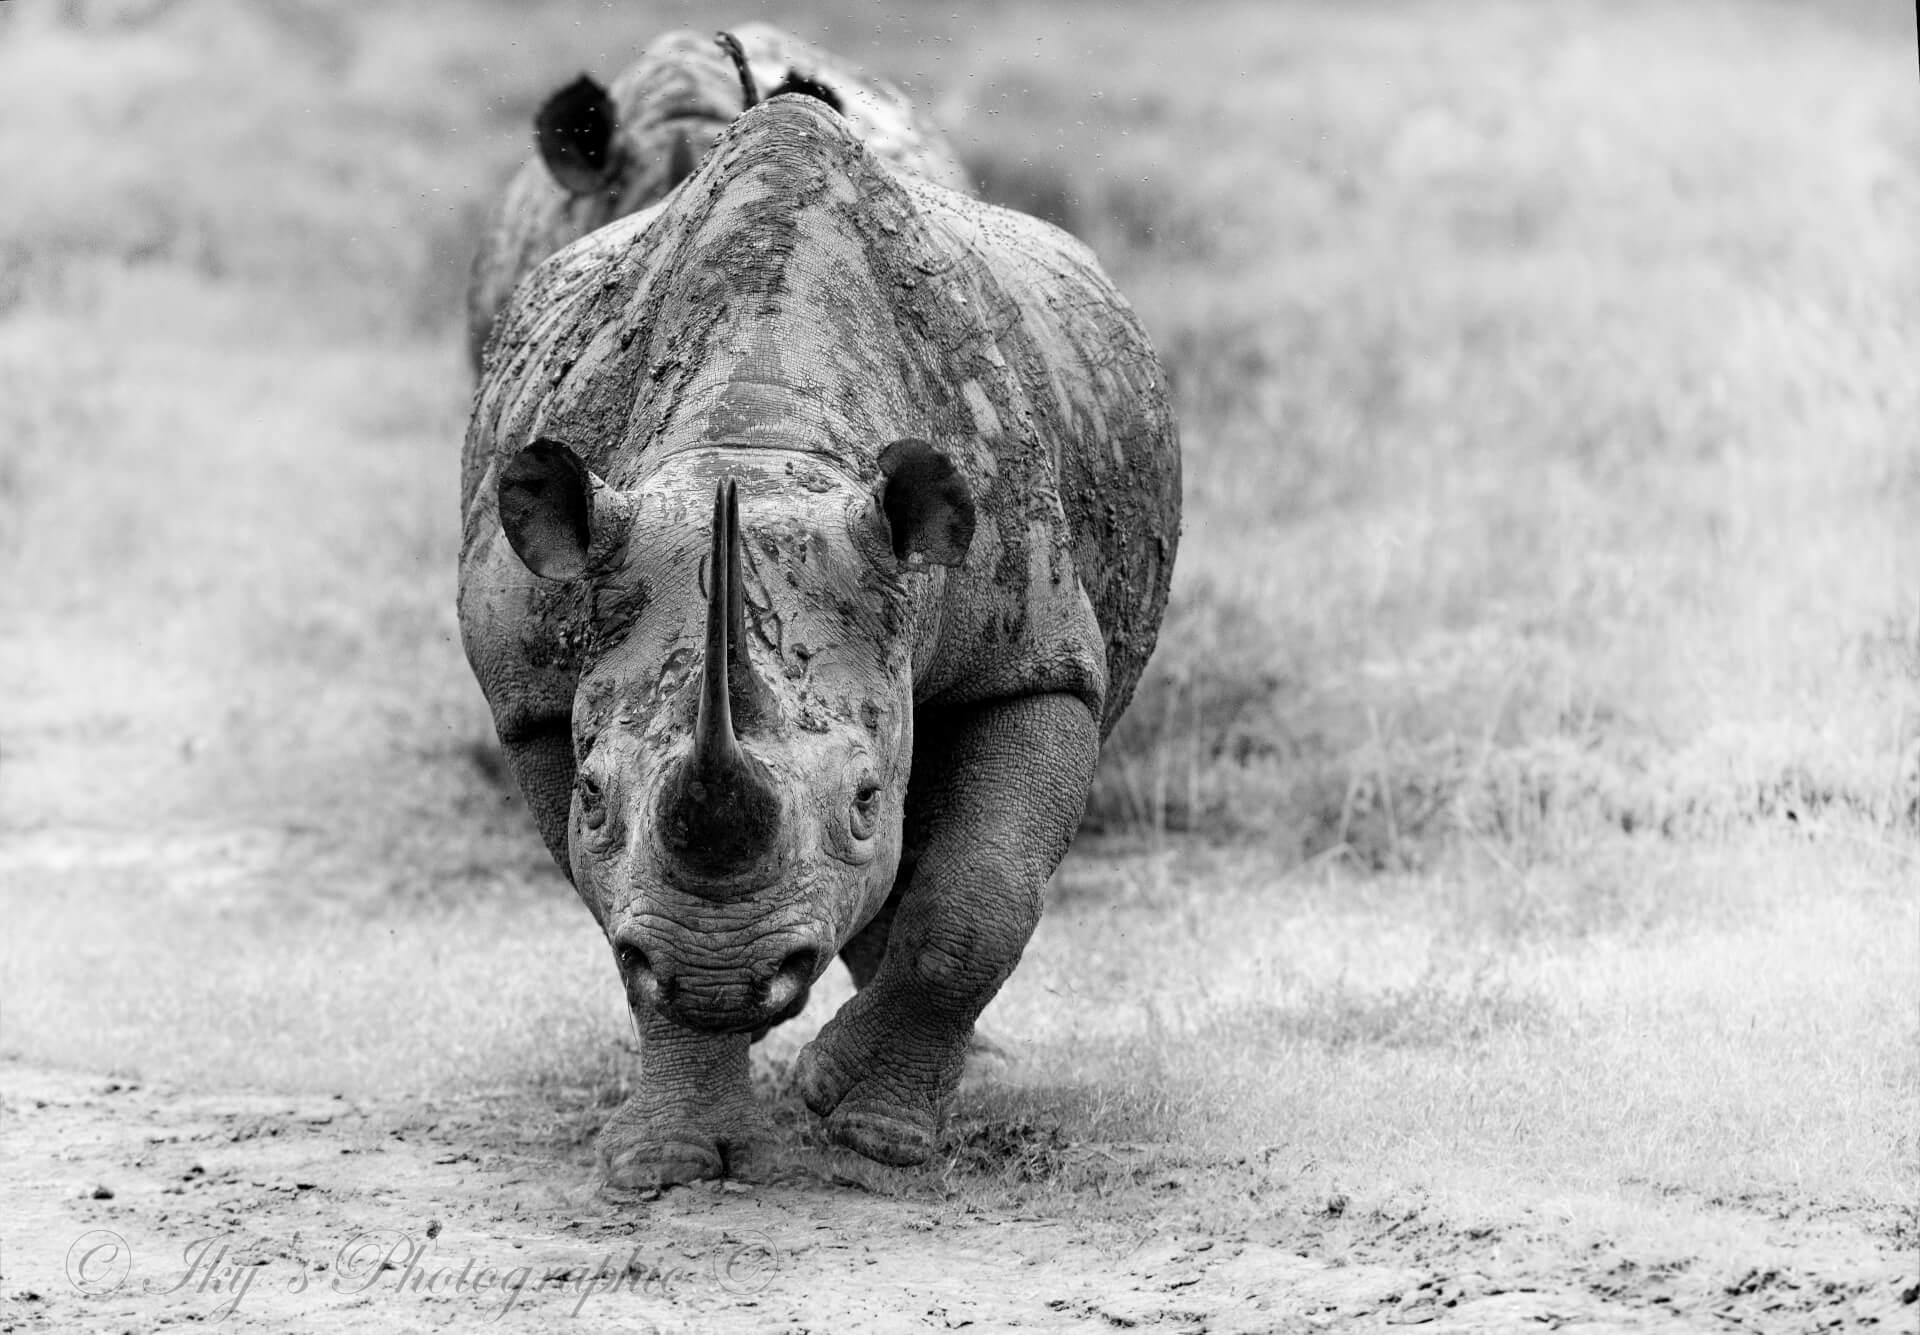 Shamwari Pro Photo rhino image